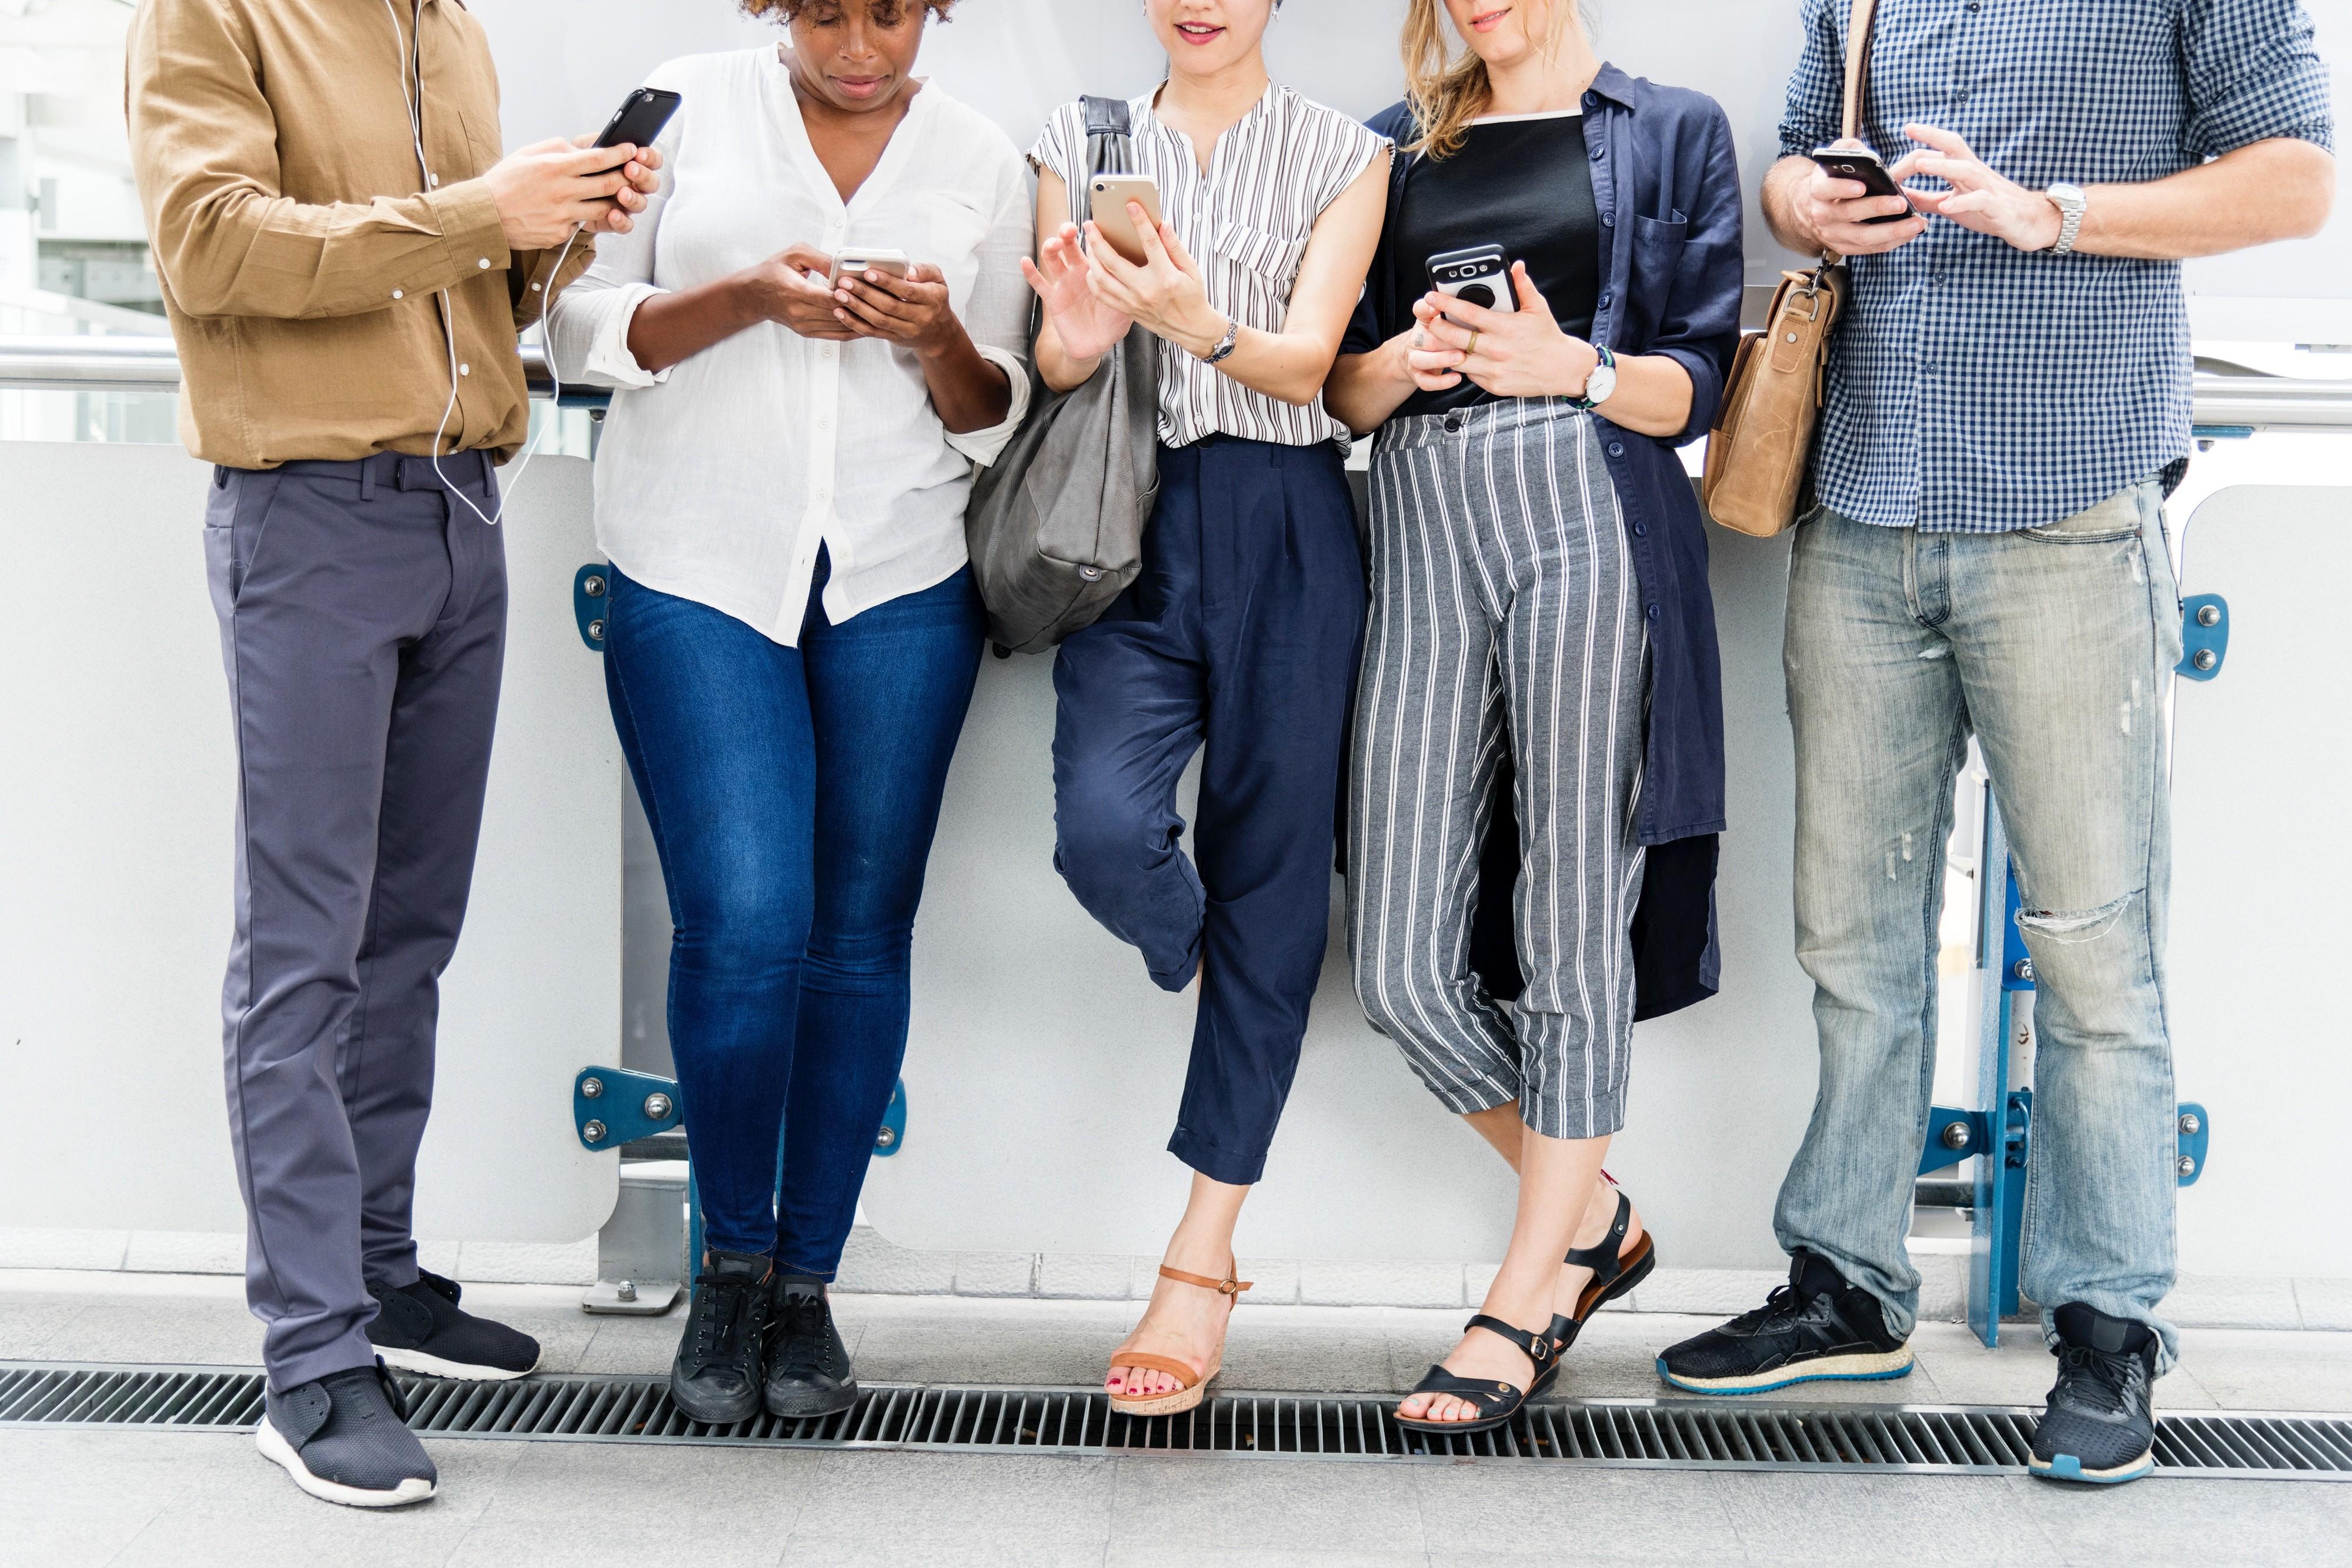 """""""Fora das redes sociais, nas ruas, acreditamos estar ocupados demais pra, de fato, criarmos alguma conexão com estranhos"""" (Foto: rawpixel on Unsplash)"""